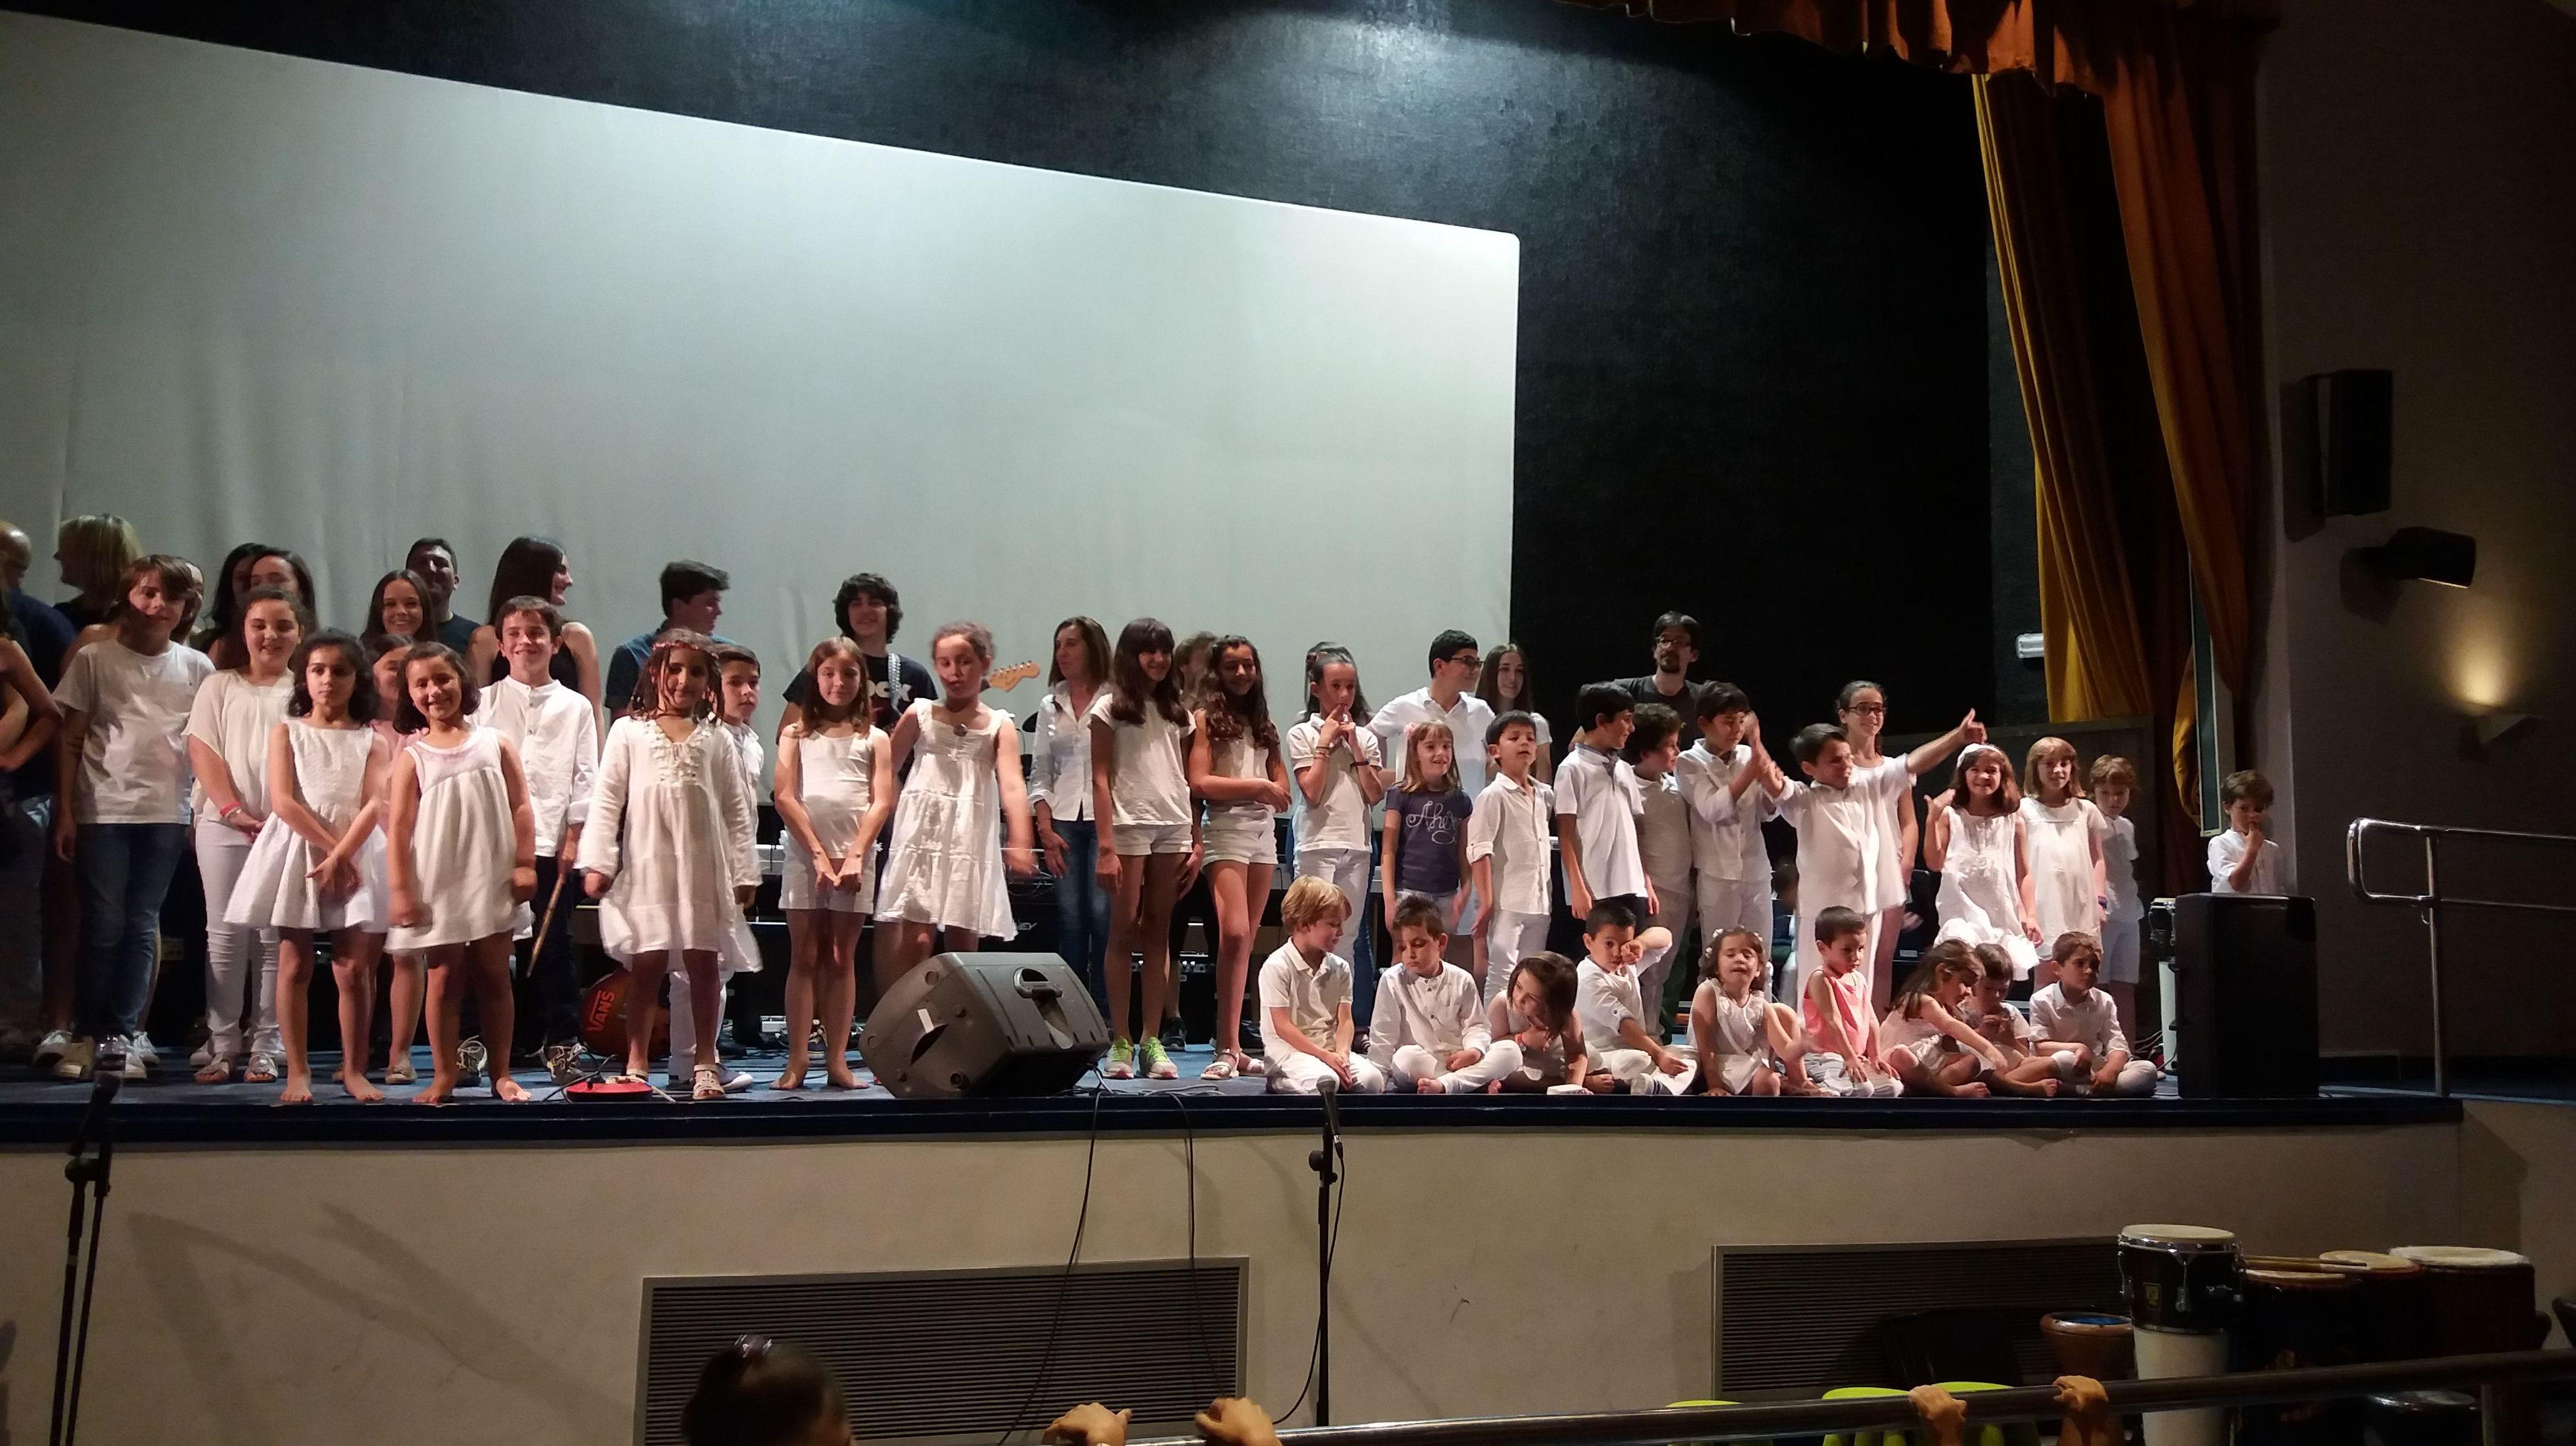 Escuela de música para niños